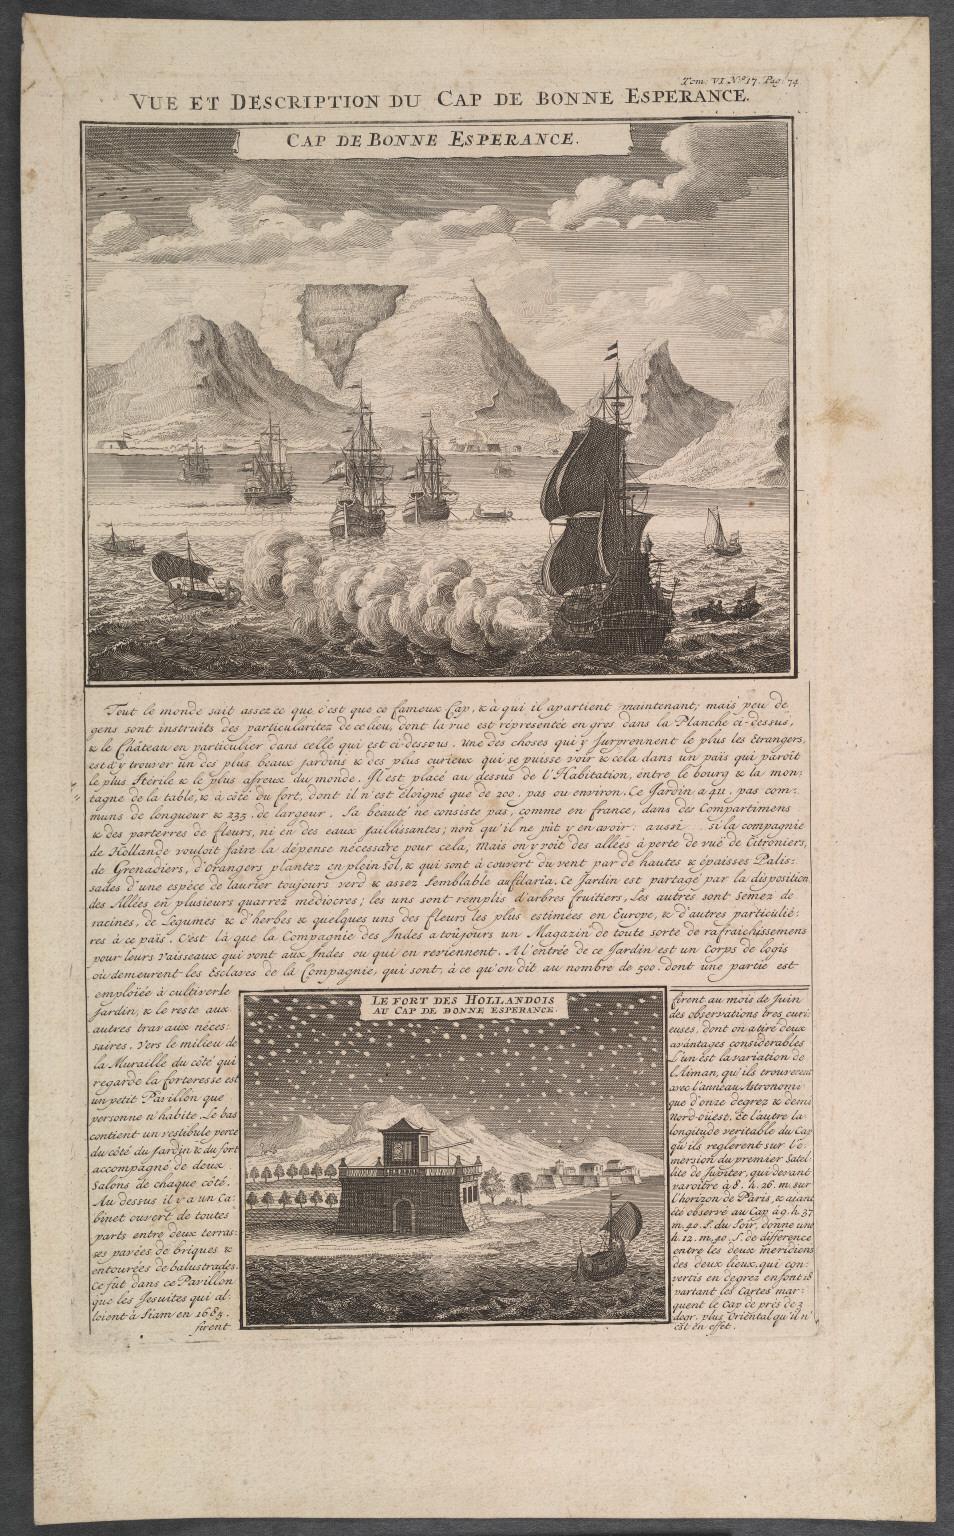 Vue et Description du Cap de Bonne Esperance.